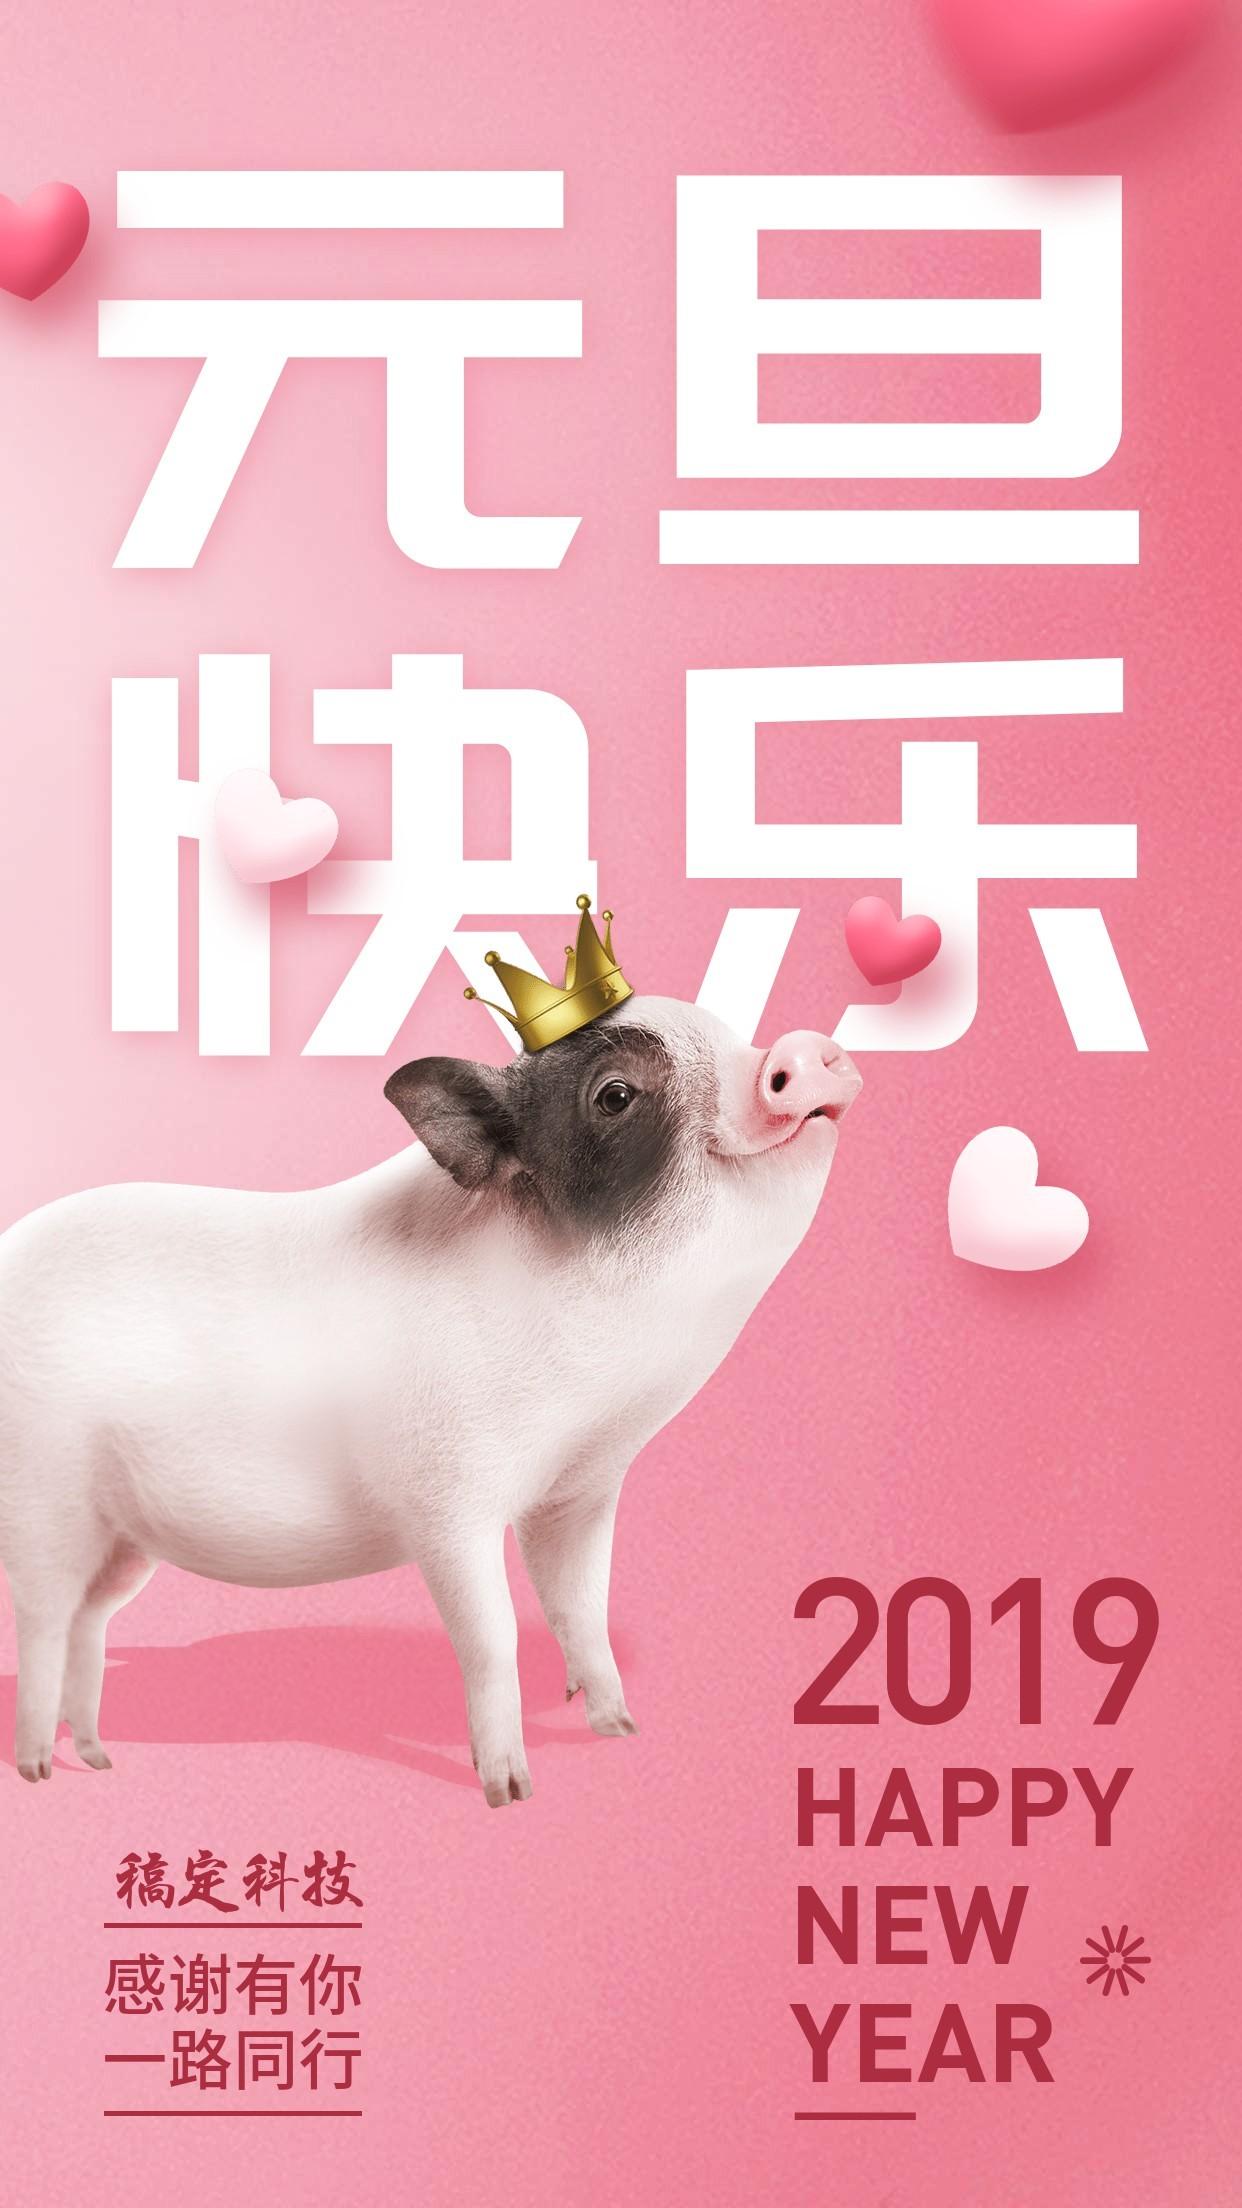 元旦快乐粉色小猪节日海报